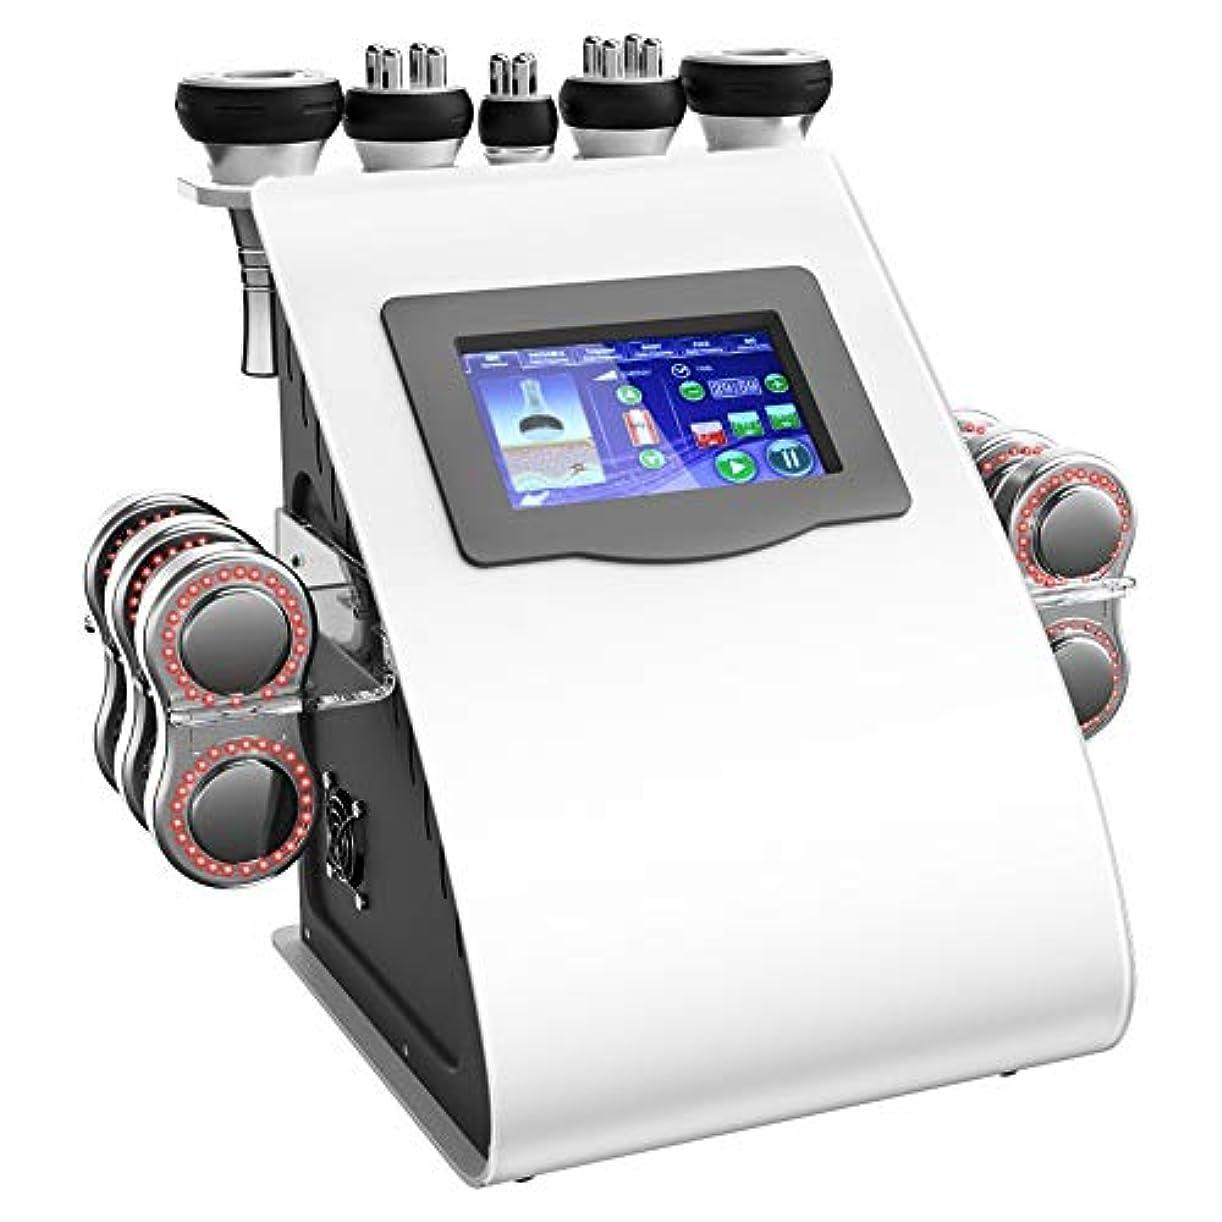 突き刺す精緻化才能5-in-1振動ボディ整形マッサージ機、40Kフルボディーロスロスマッサージャー多極ブラスト脂肪計器フェイシャルスキンリフティングタイトング美容機(5マッサージヘッド)CE、FDA承認(110?240V)